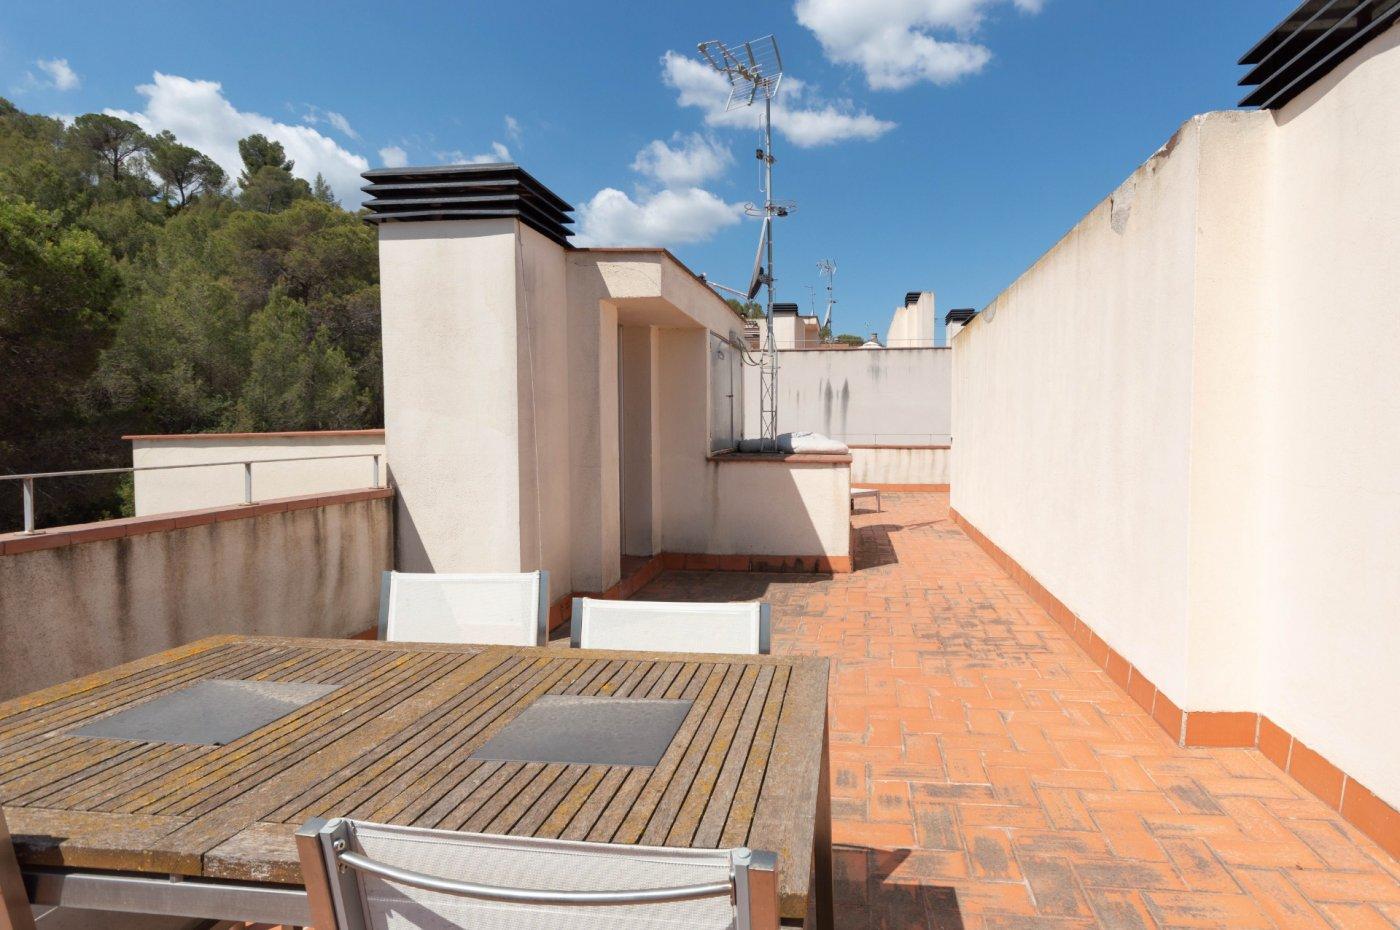 Piso de 50 m² en st. andreu de la b. zona raval de corbera. 2 hab., 1 baño, parking y tras - imagenInmueble14